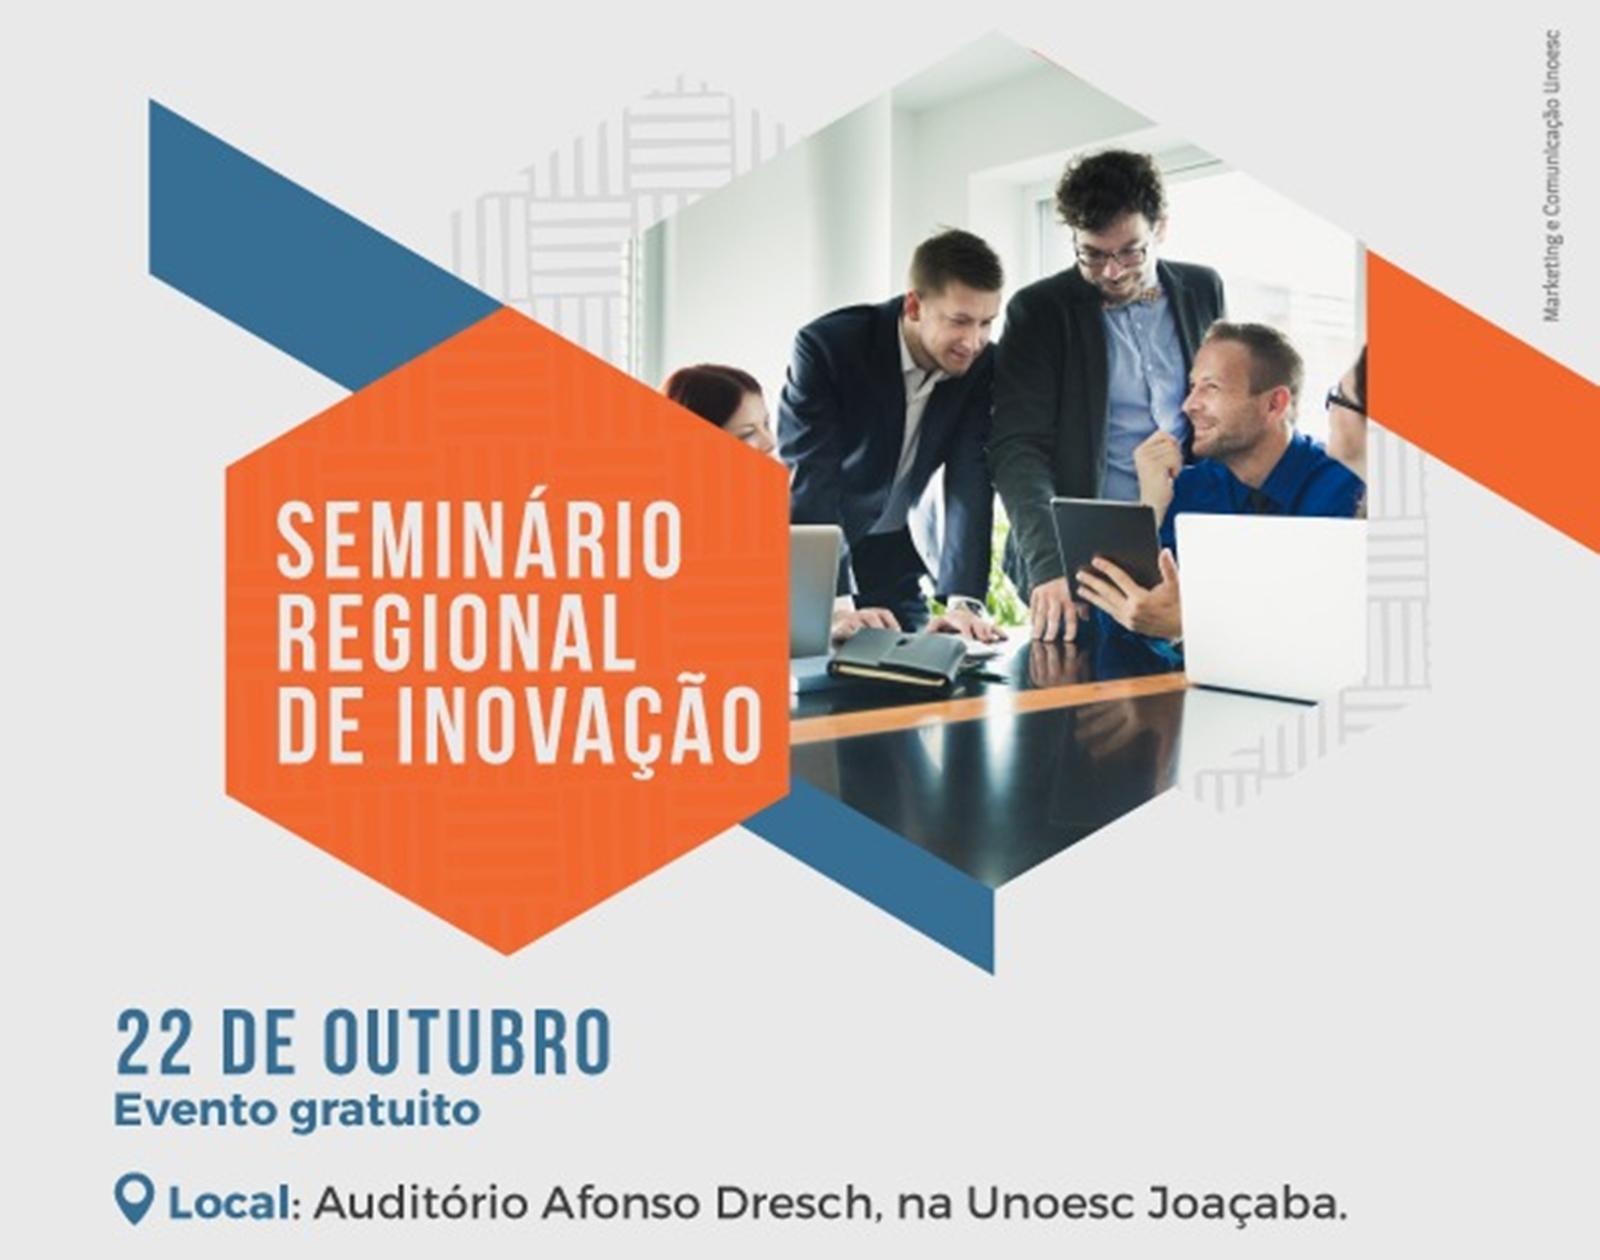 Seminário Regional sobre Inovação acontecerá em Joaçaba